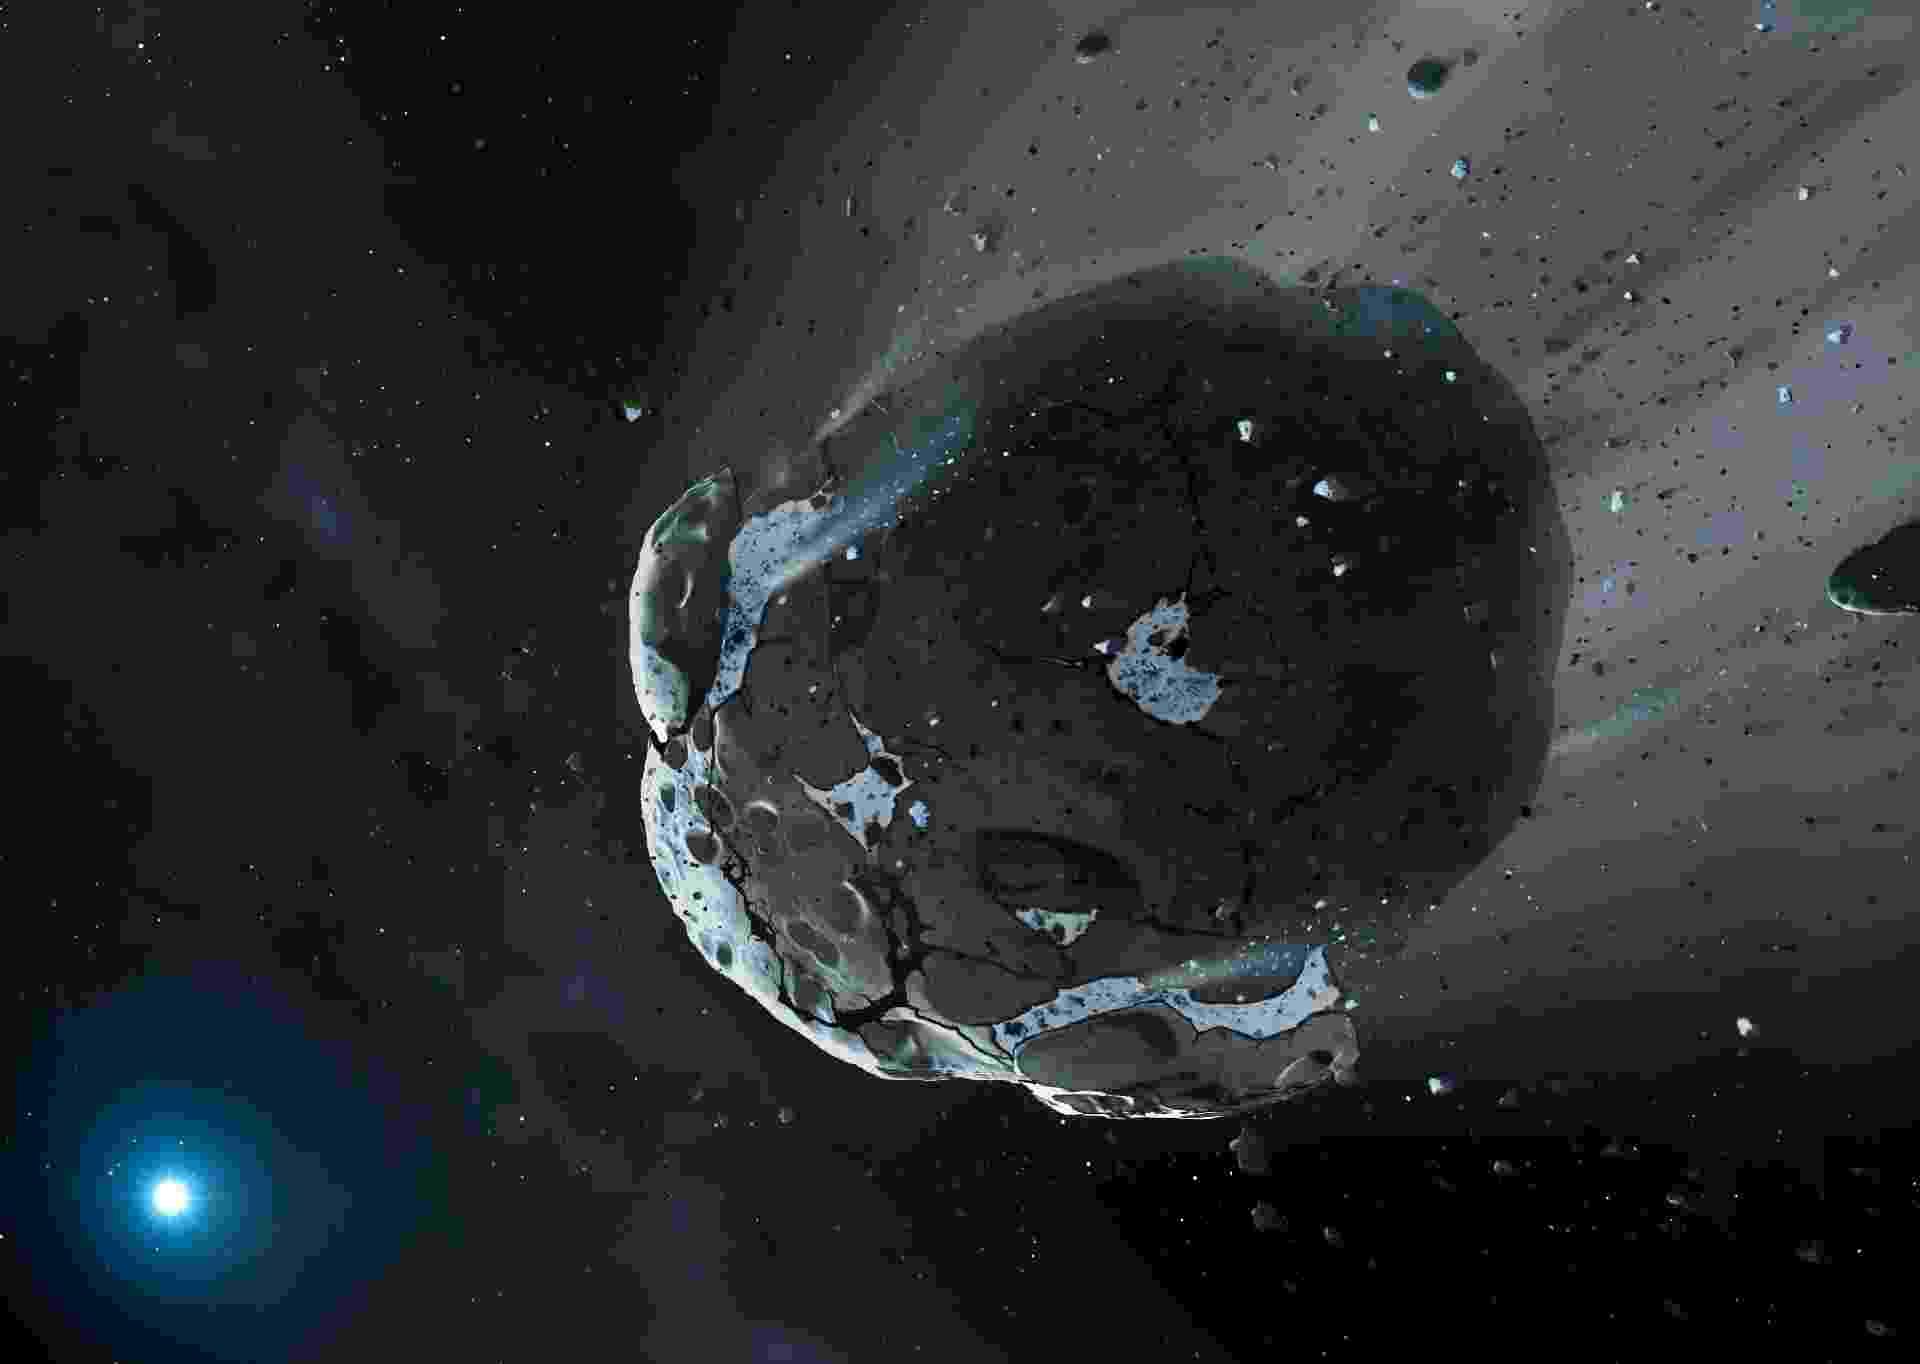 10.out.2013 - Telescópio Hubble identificou 26% de água na composição de um corpo rochoso encontrado ao redor da anã branca GD 61, sinal de que a vida como conhecemos pode ter existido fora do Sistema Solar. Segundo os pesquisadores, a água revela que o asteroide era um pedaço de um planeta já extinto, com pelo menos 90 quilômetros de diâmetro, que orbitava a estrela há 200 milhões de anos - Mark A. Garlick